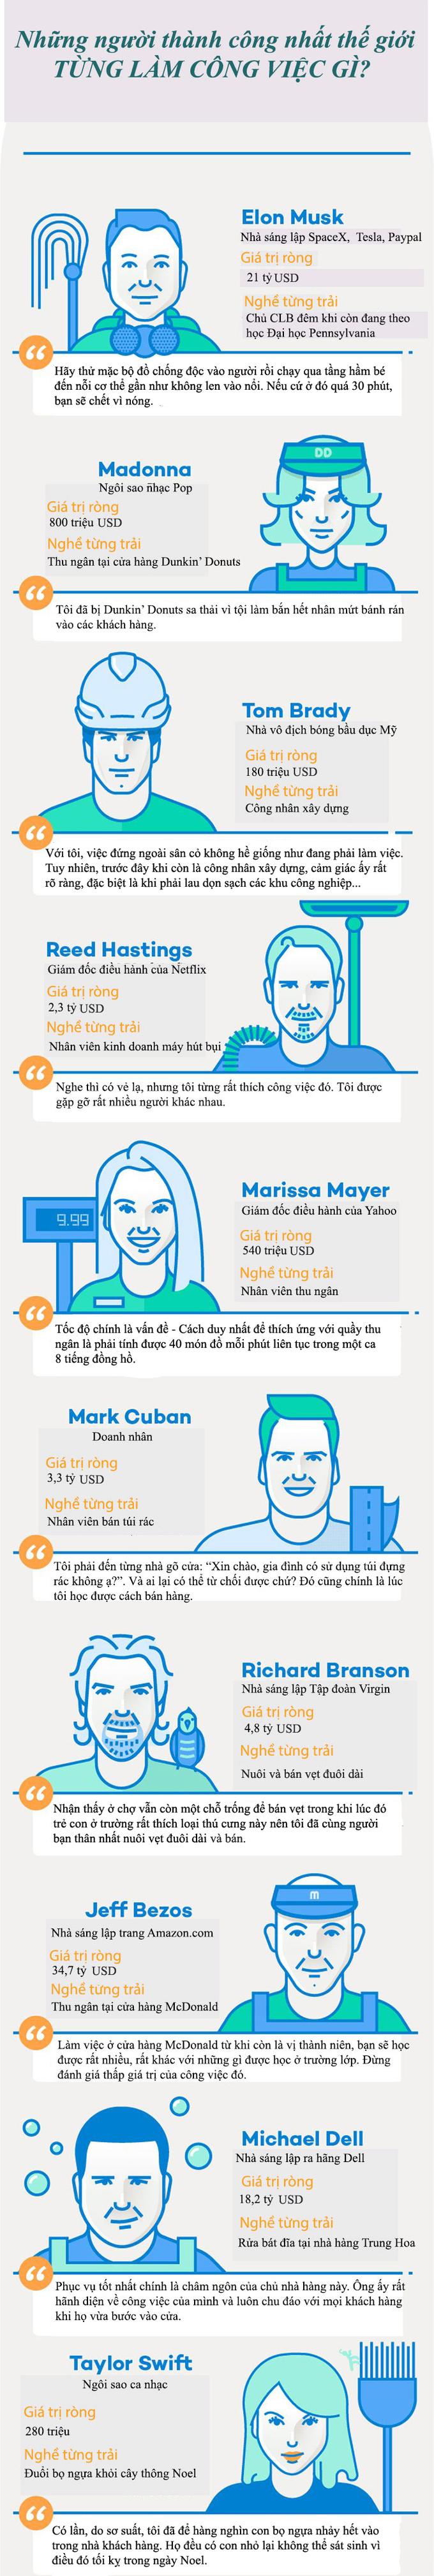 10 công việc đầu tiên của những người thành công